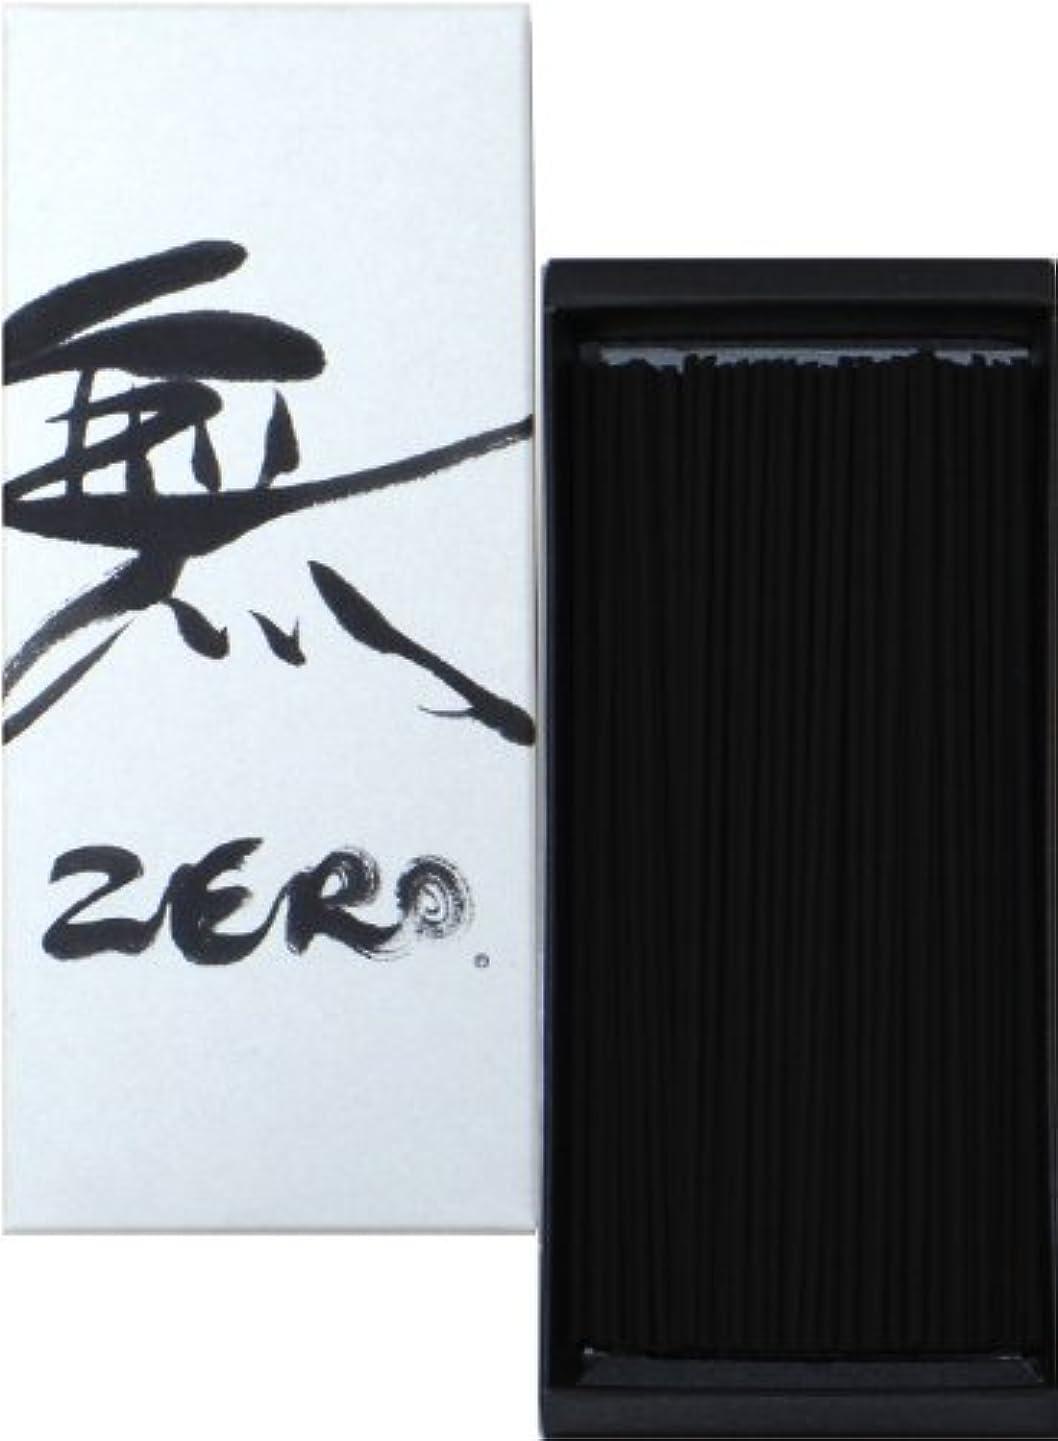 ボリューム非武装化未払い丸叶むらたのお線香 無 ZERO(ゼロ)中バラ 約80g #ZR-02